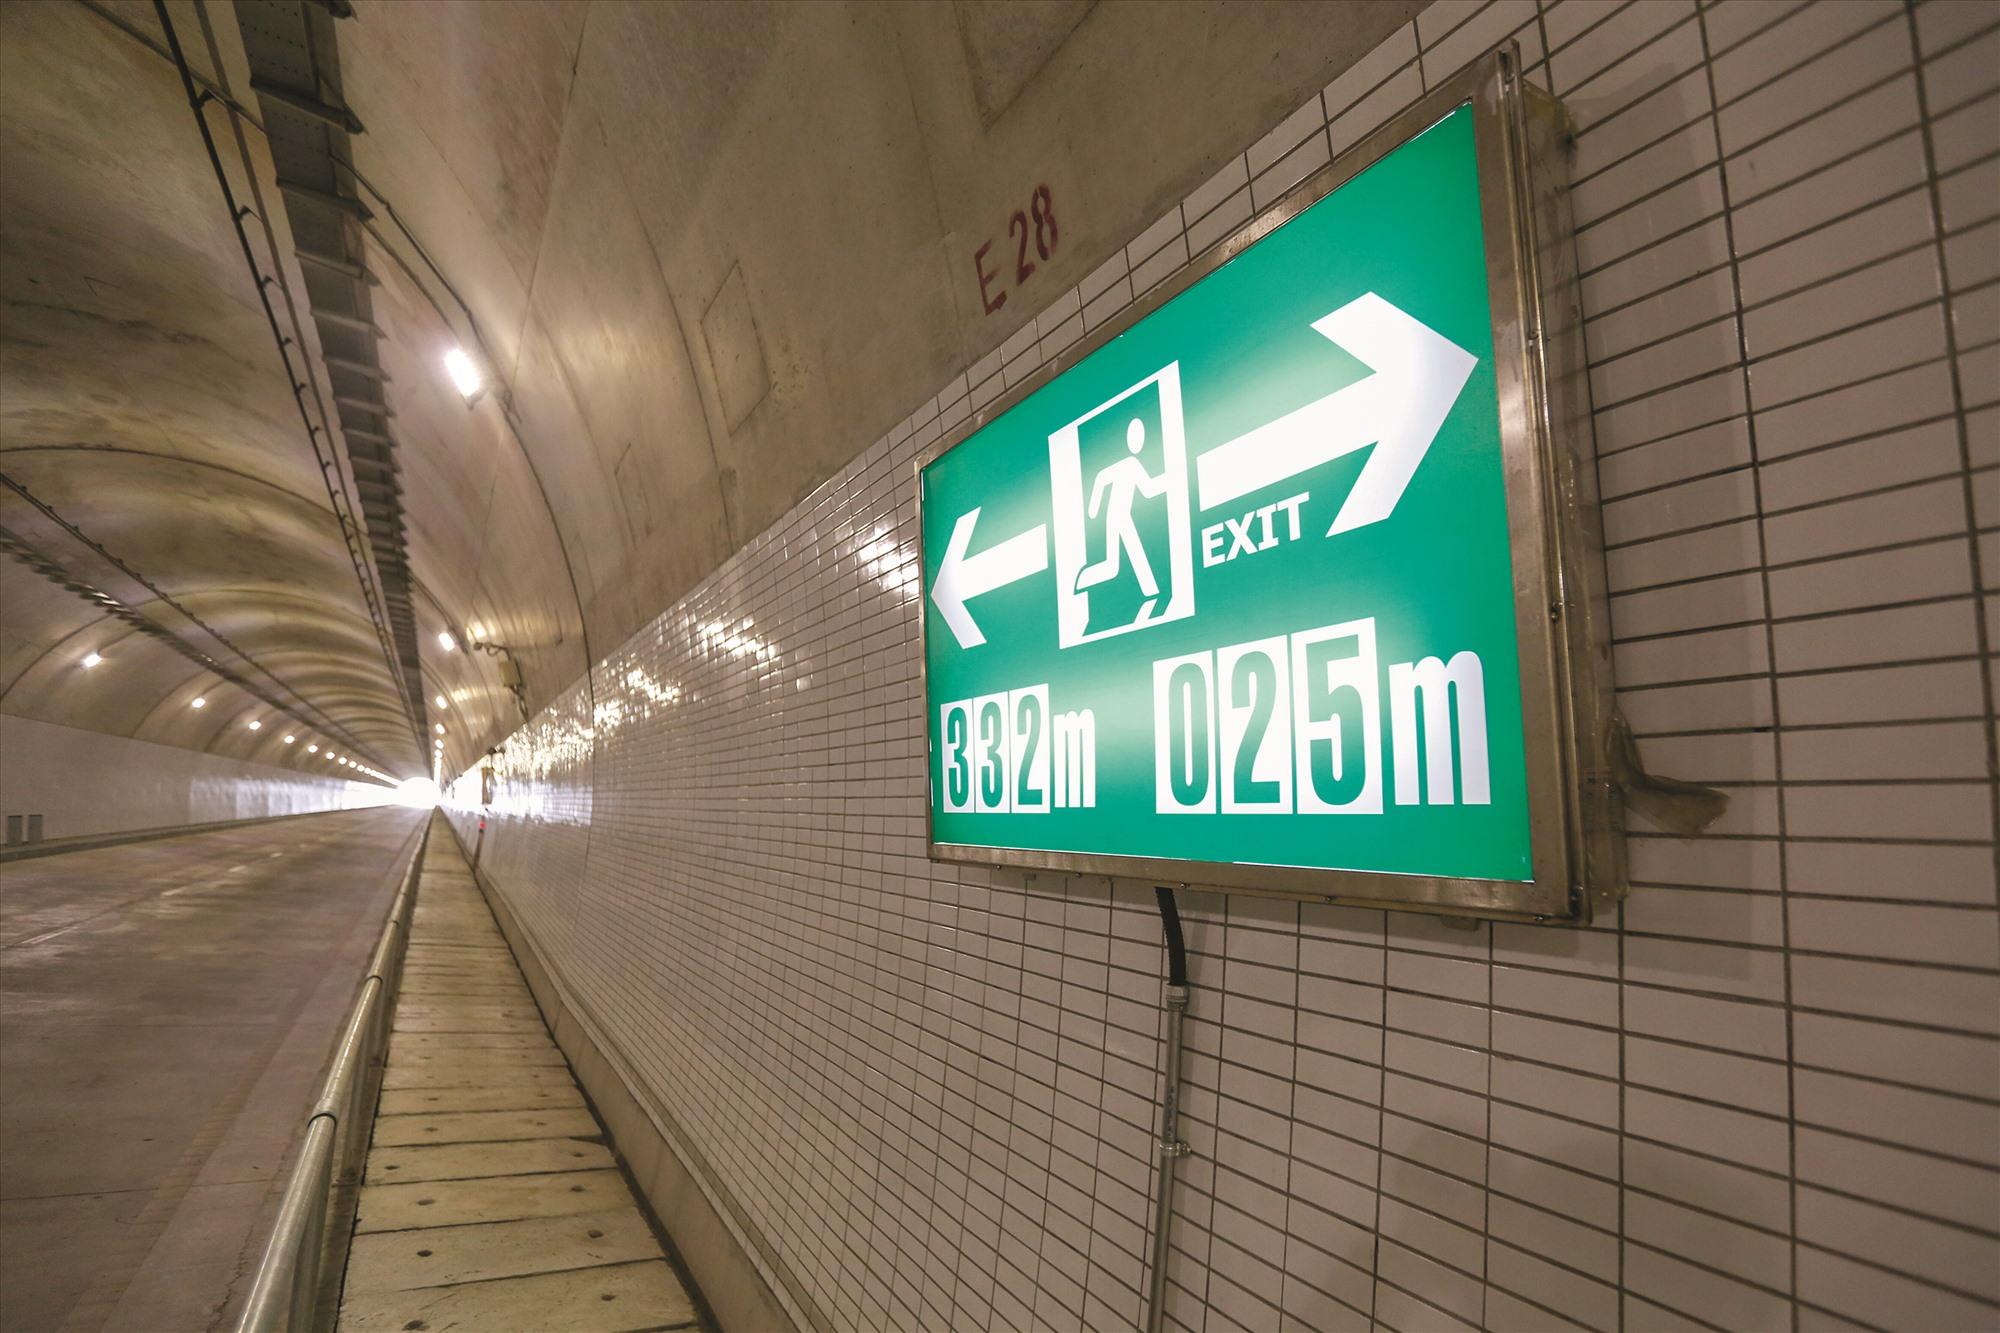 Các hệ thống kỹ thuật, bảng chỉ dẫn gọi điện khẩn cấp, lối thoát hiểm phía trong hầm Hải Vân 2.